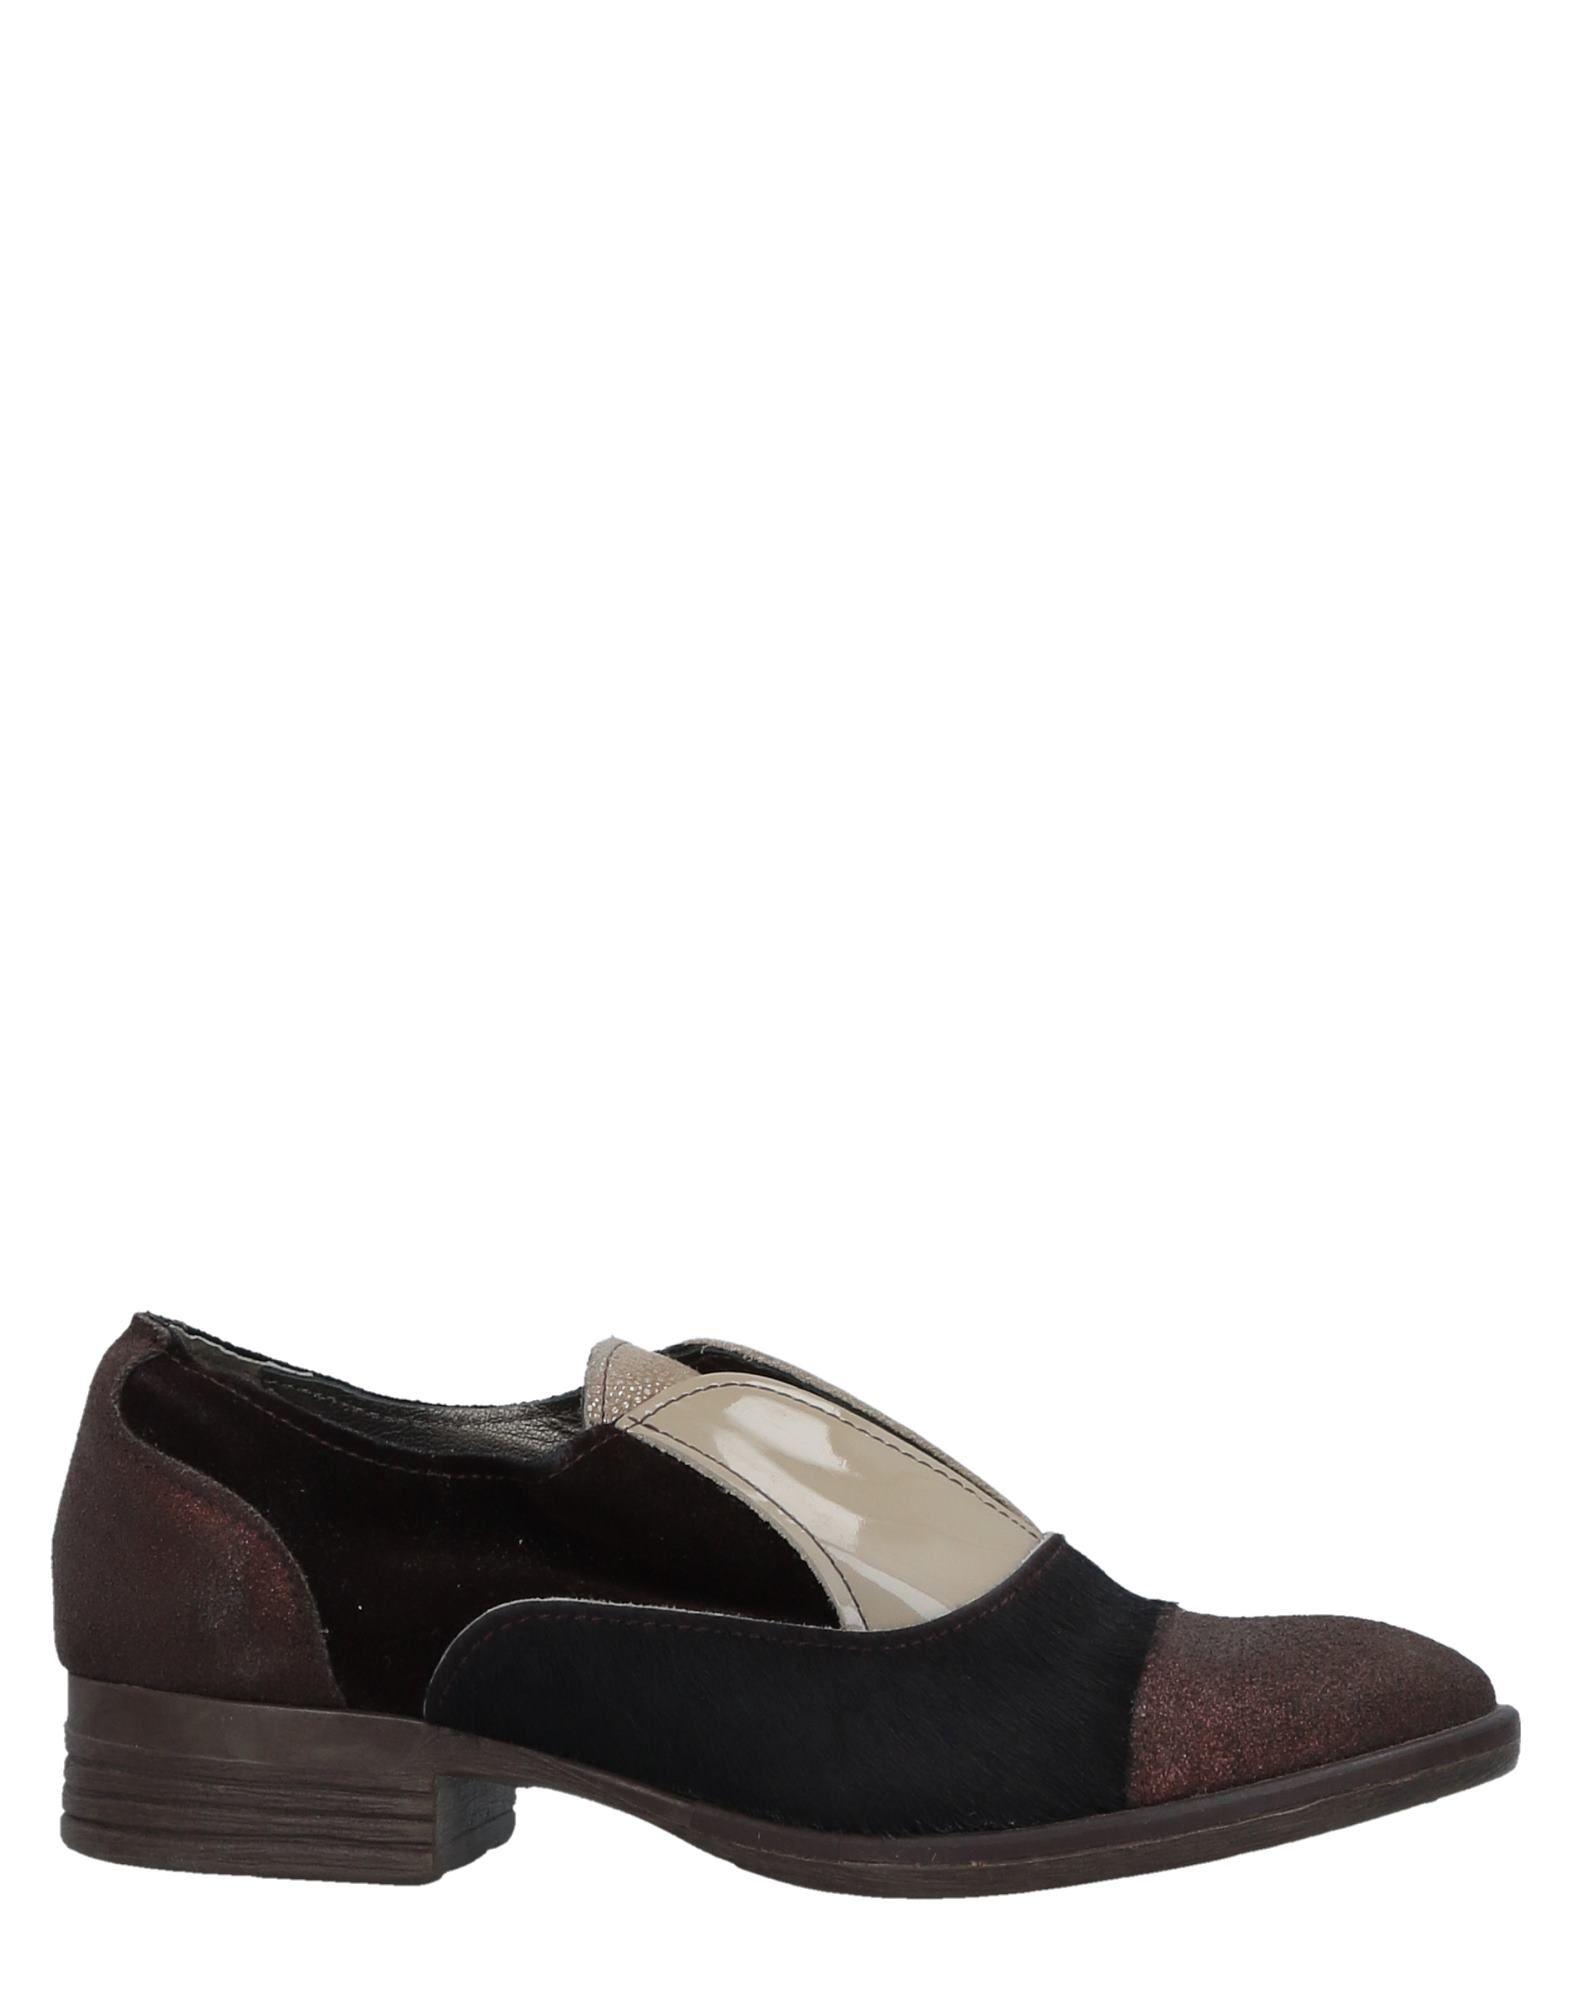 Ebarrito Mokassins Damen  11521183BL Schuhe Gute Qualität beliebte Schuhe 11521183BL 044a4c